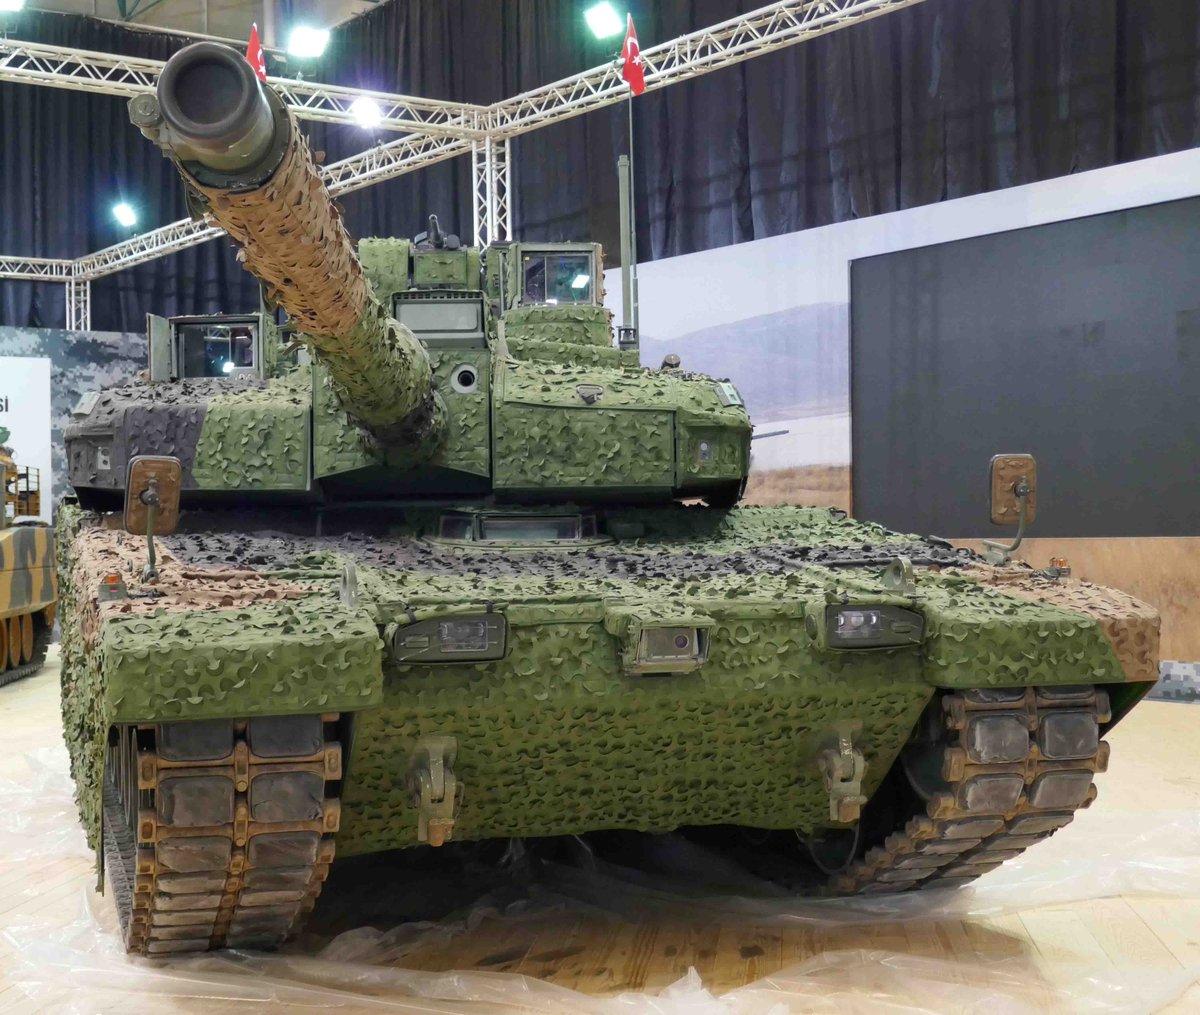 Turkey Defense Industry Projects C_Te_njXoAIjIcO